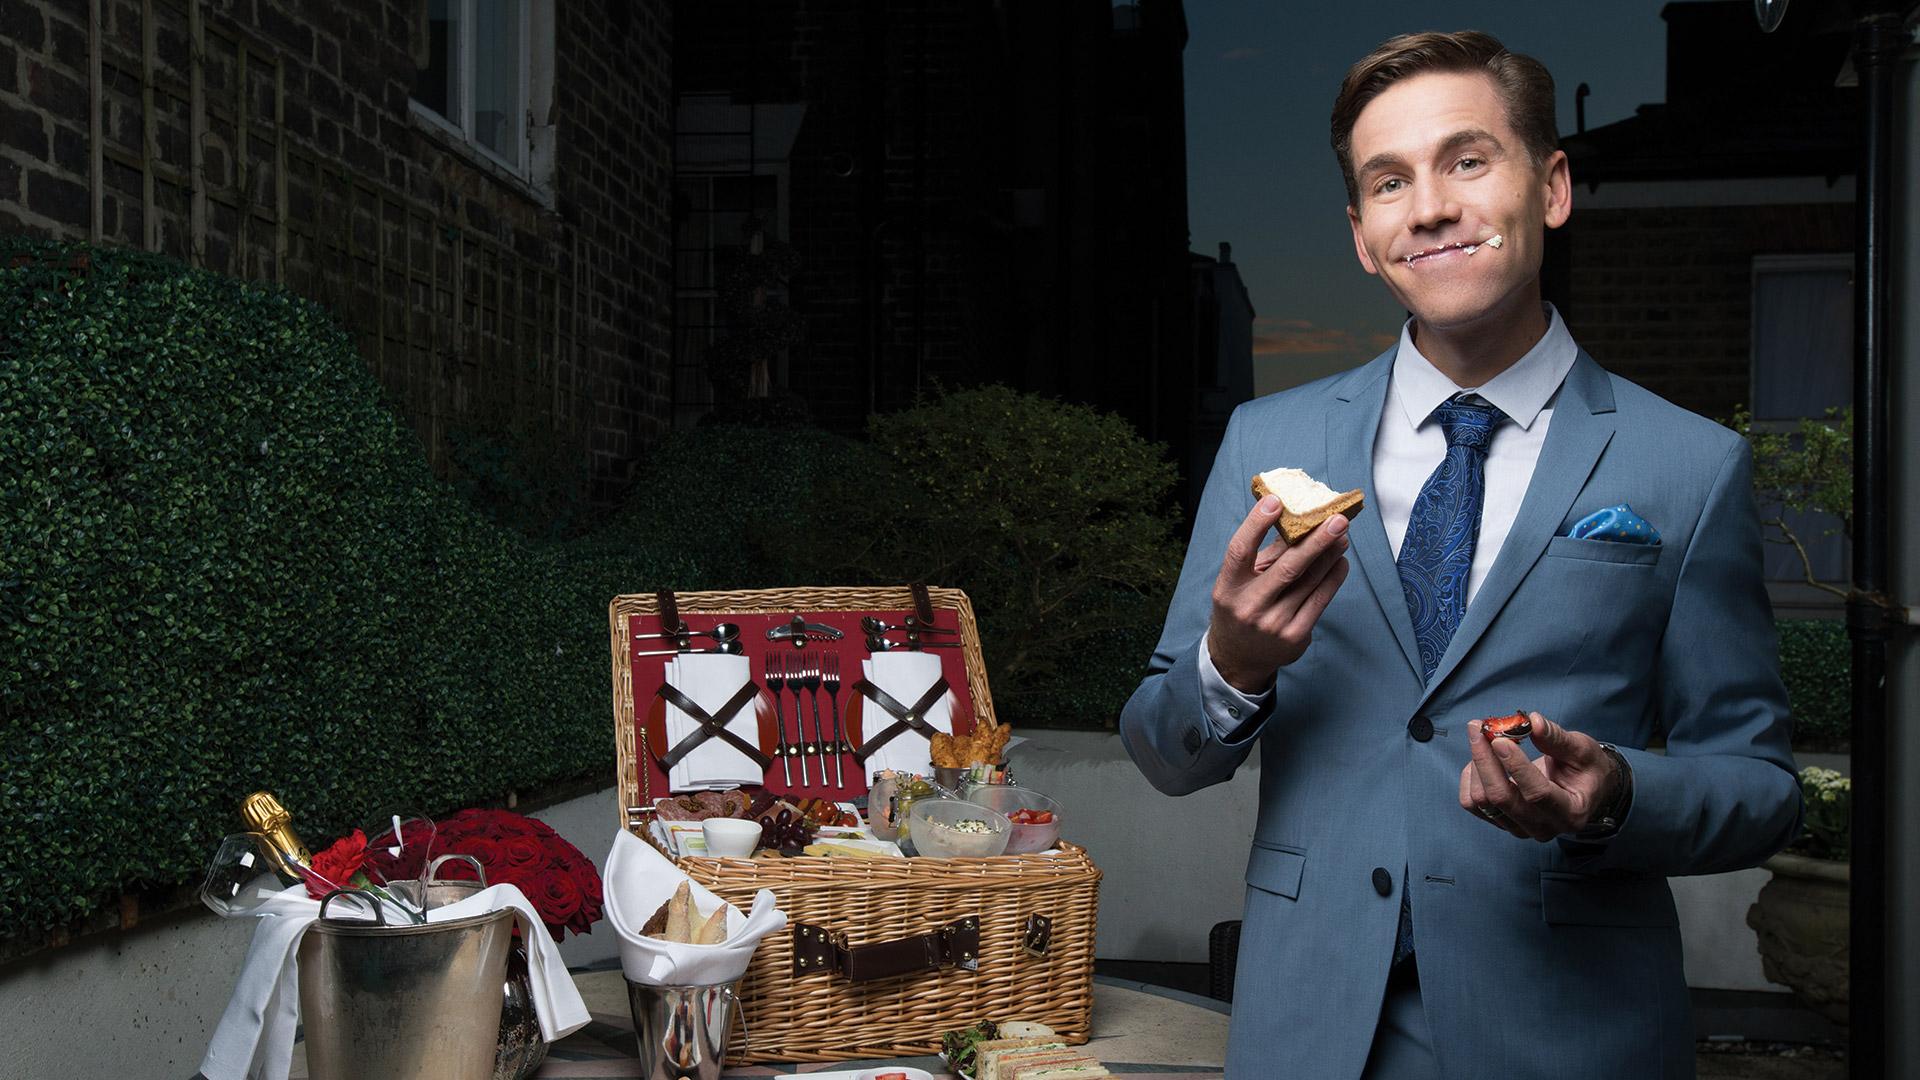 Brian Dietzen hosts a playful picnic